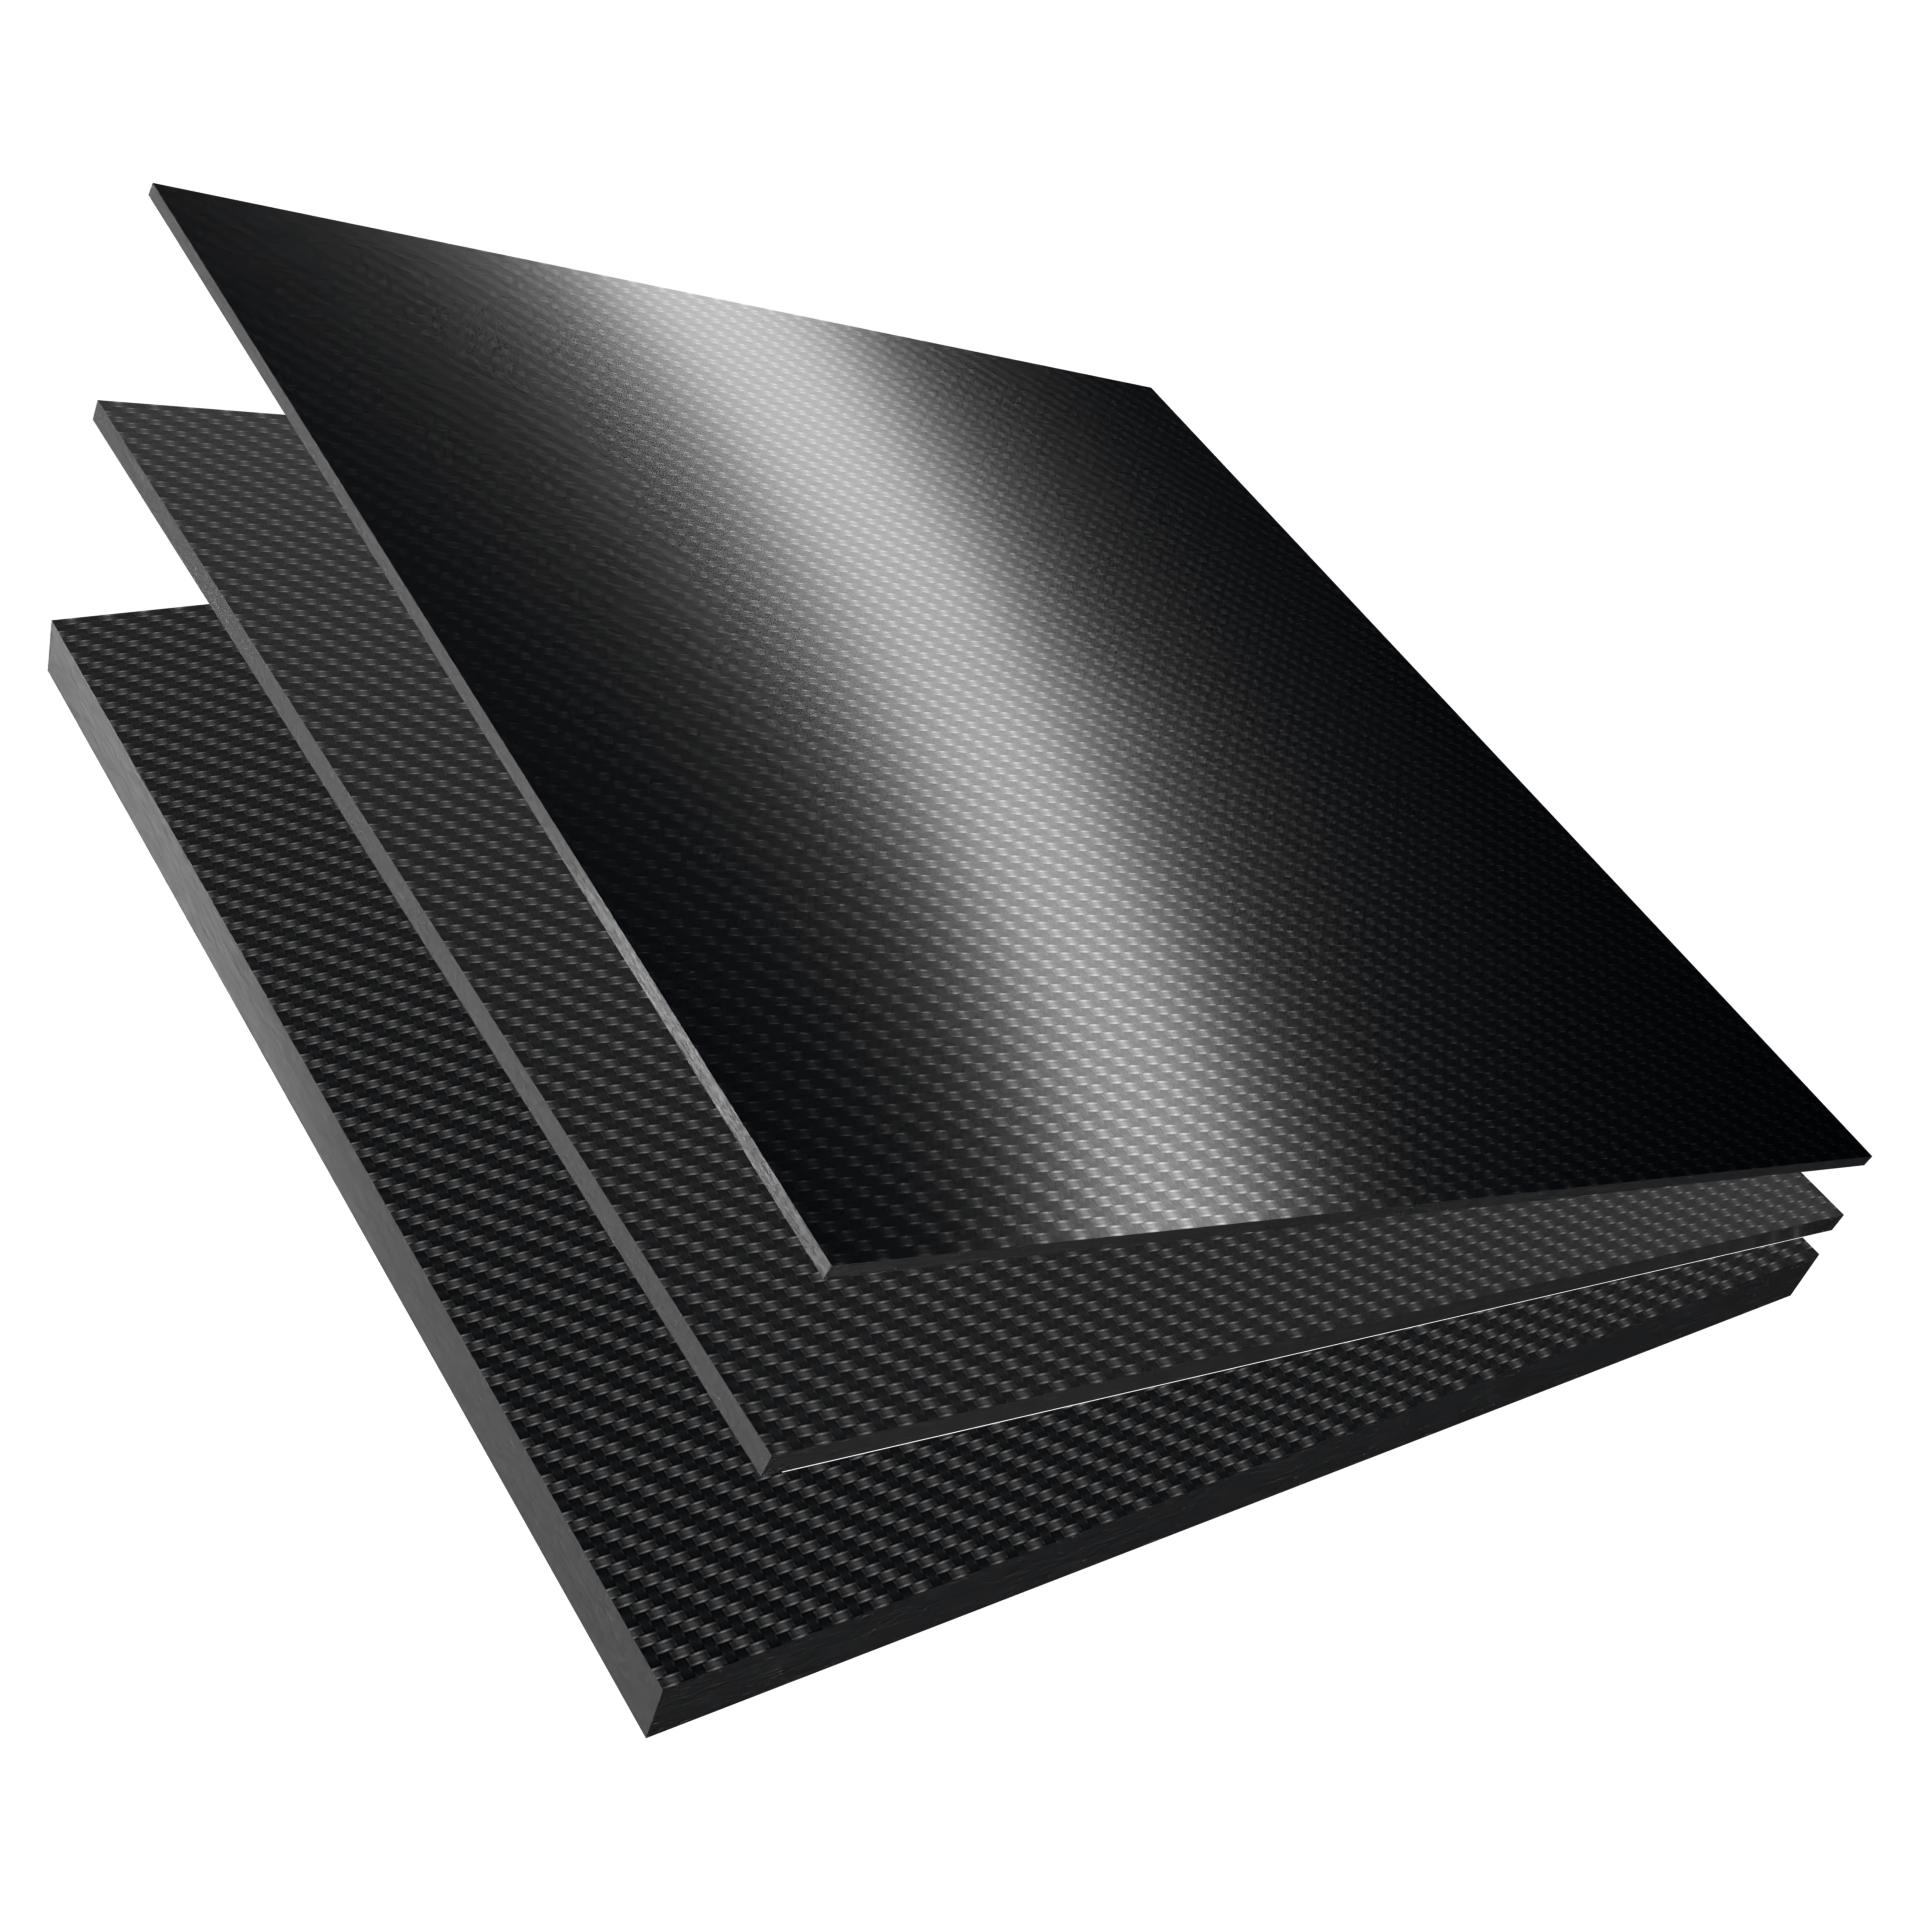 CarboSix carbon fibre Sheets